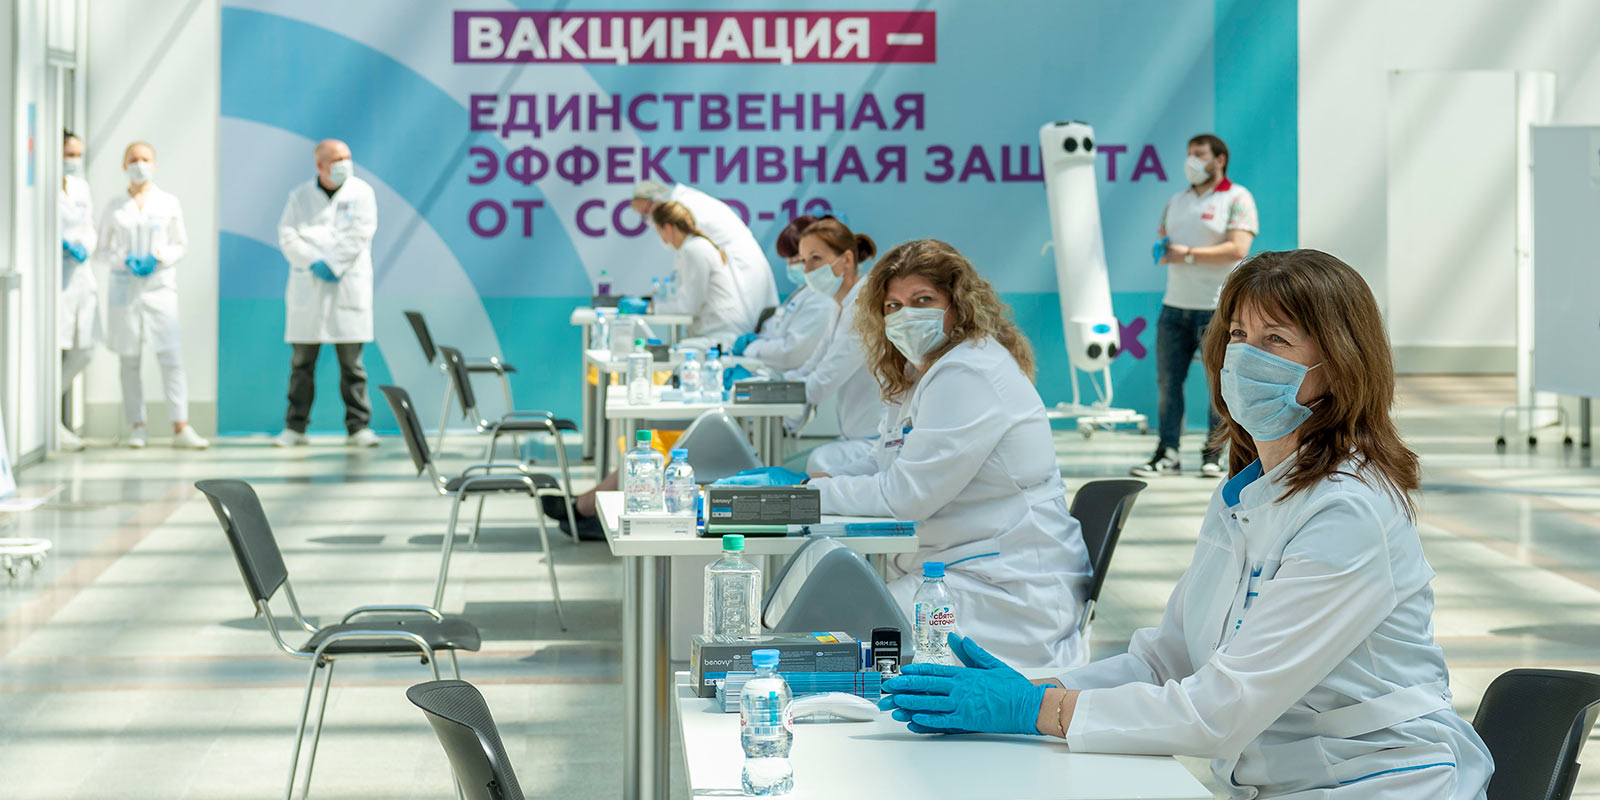 В Москве функционирует крупнейший прививочный центр в Европе: 6 тысяч пациентов принимают в сутки